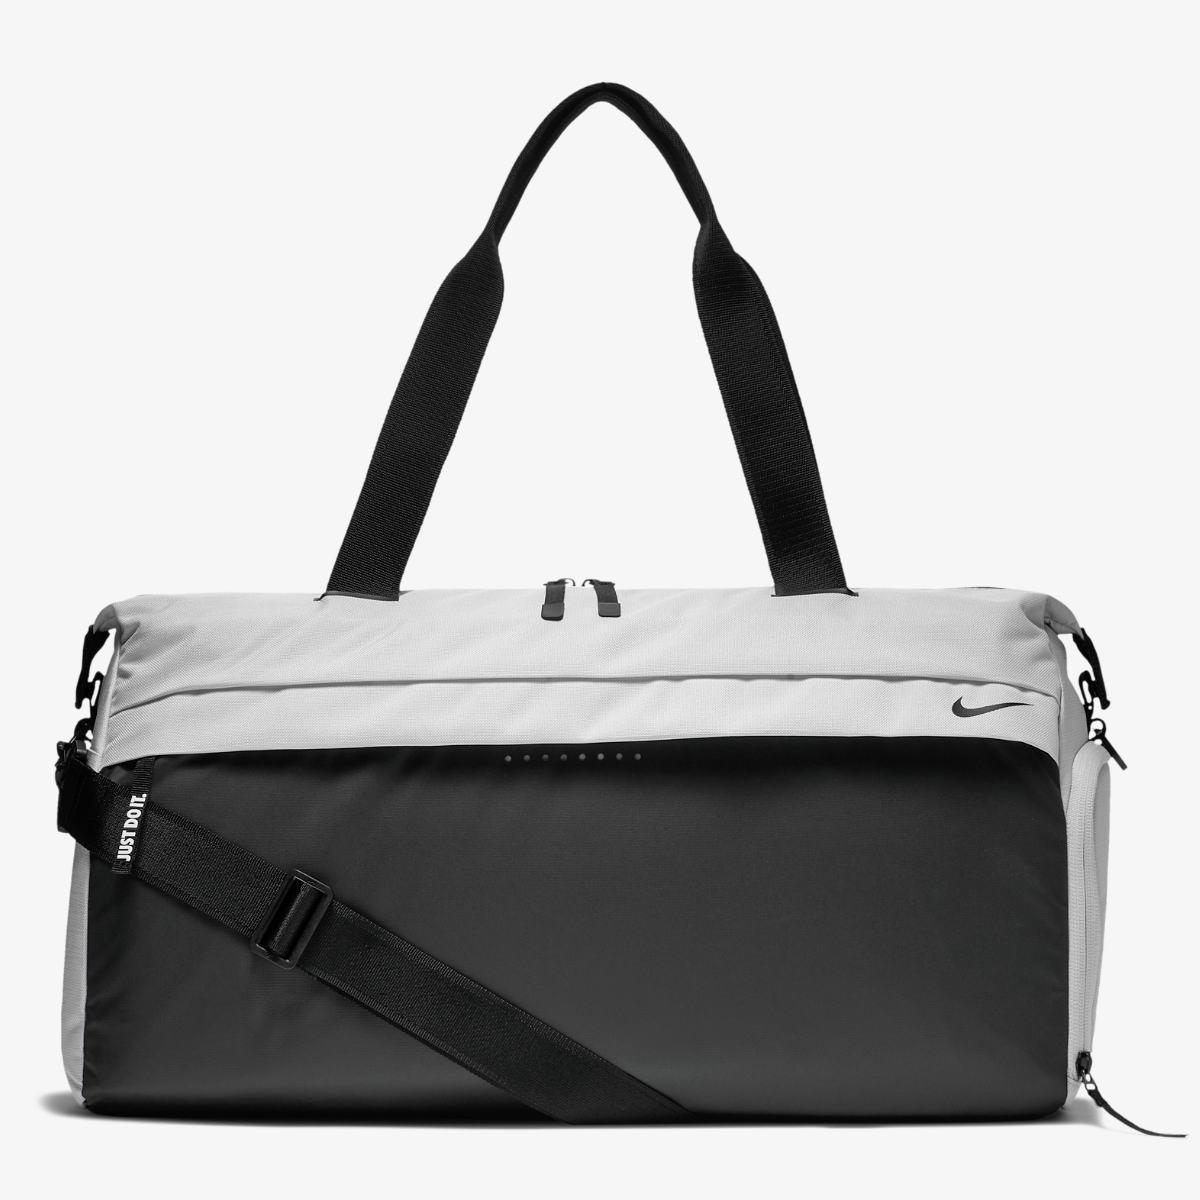 c9812e59 Сумка Nike Radiate Club Bag BA5528-092 (Оригинал), цена 1 249 грн., купить  в Киеве — Prom.ua (ID#749231552)